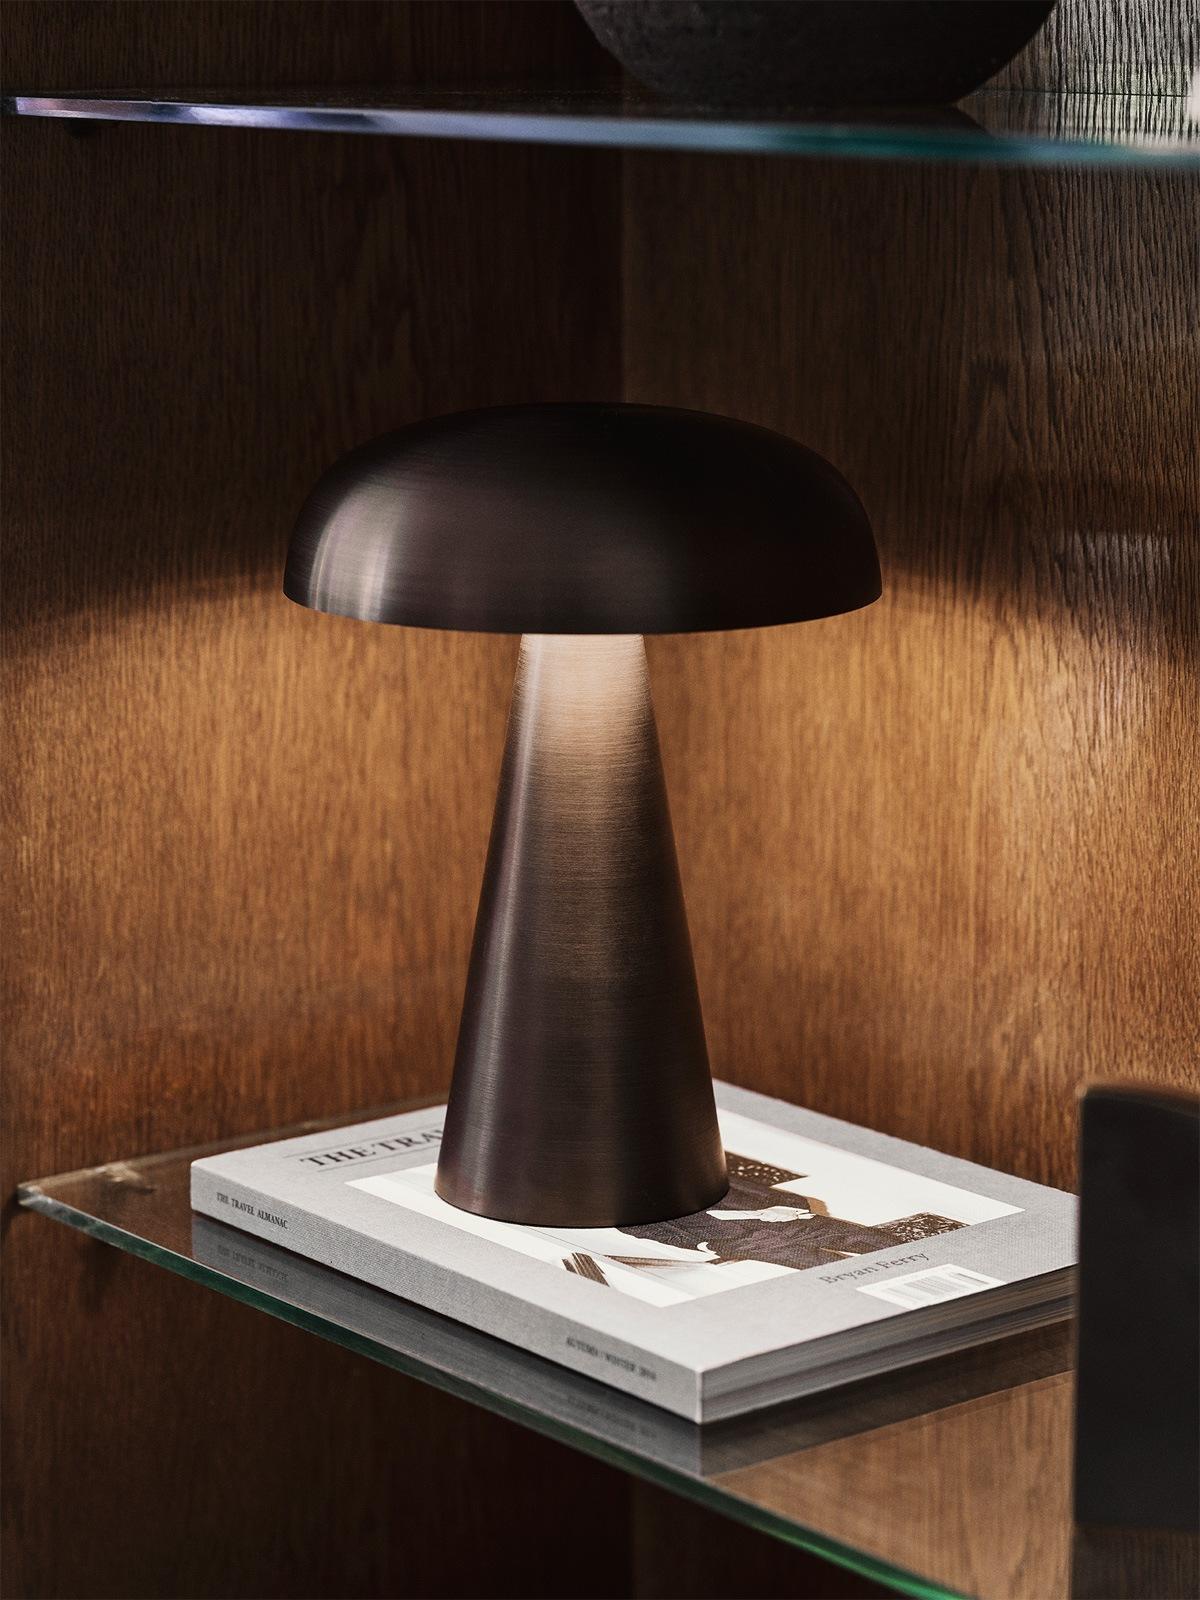 DesignOrt Blog: Leuchten wie Pilze &tradition Como SC53 tragbare aufladbare Leuchte DesignOrt Berlin Designerleuchten Lampenladen Onlineshop Berlin